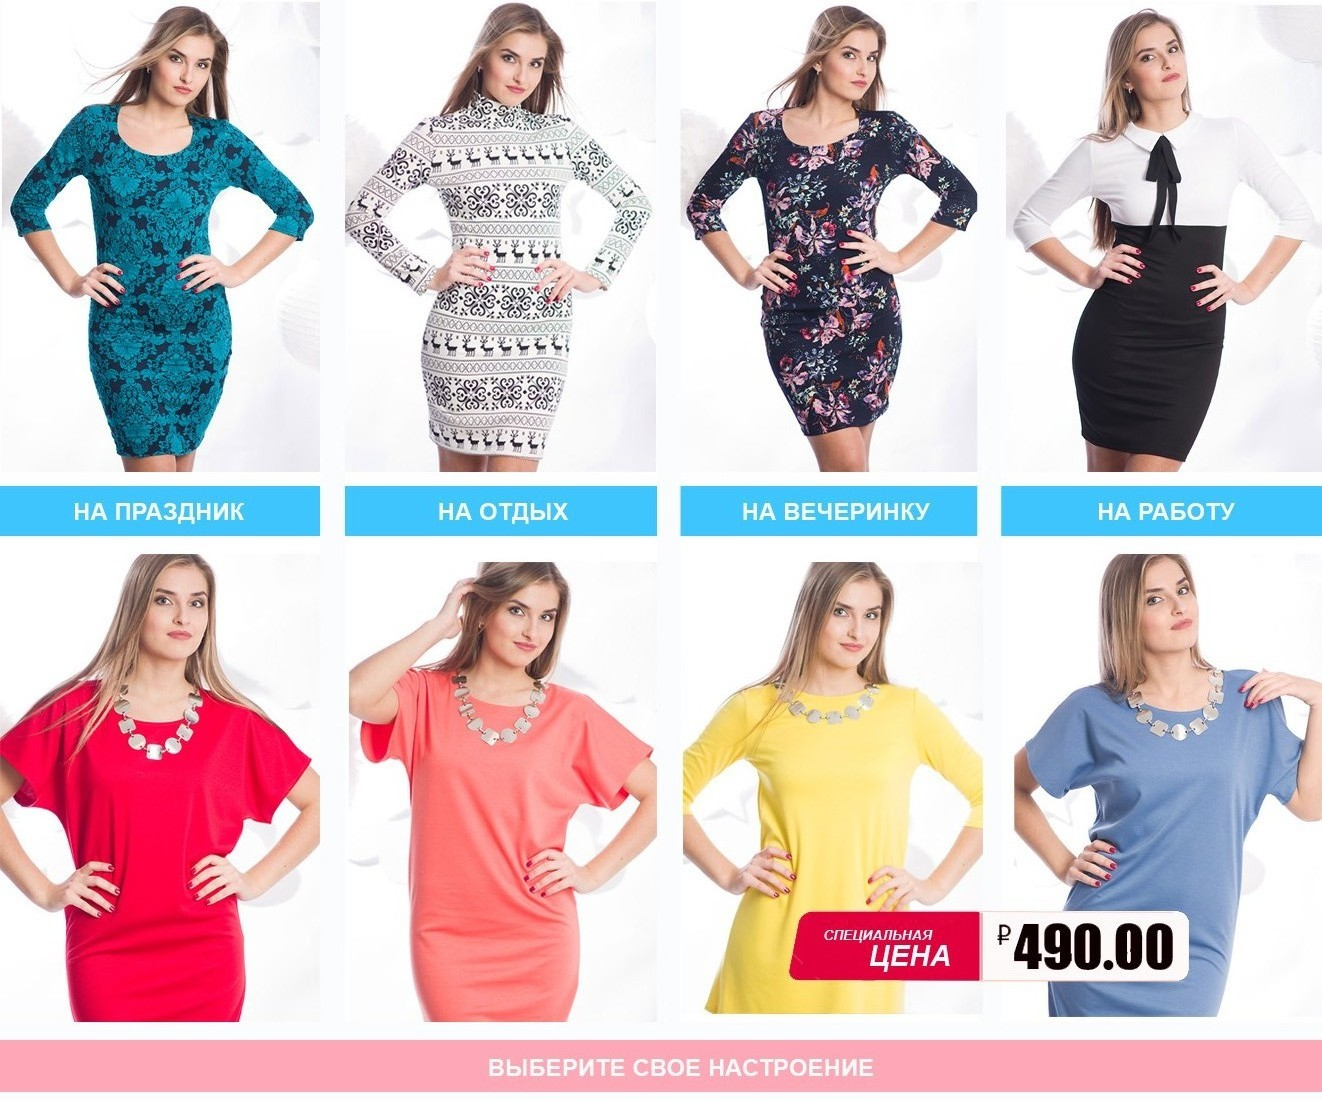 Одежда От Производителя Дешево Доставка